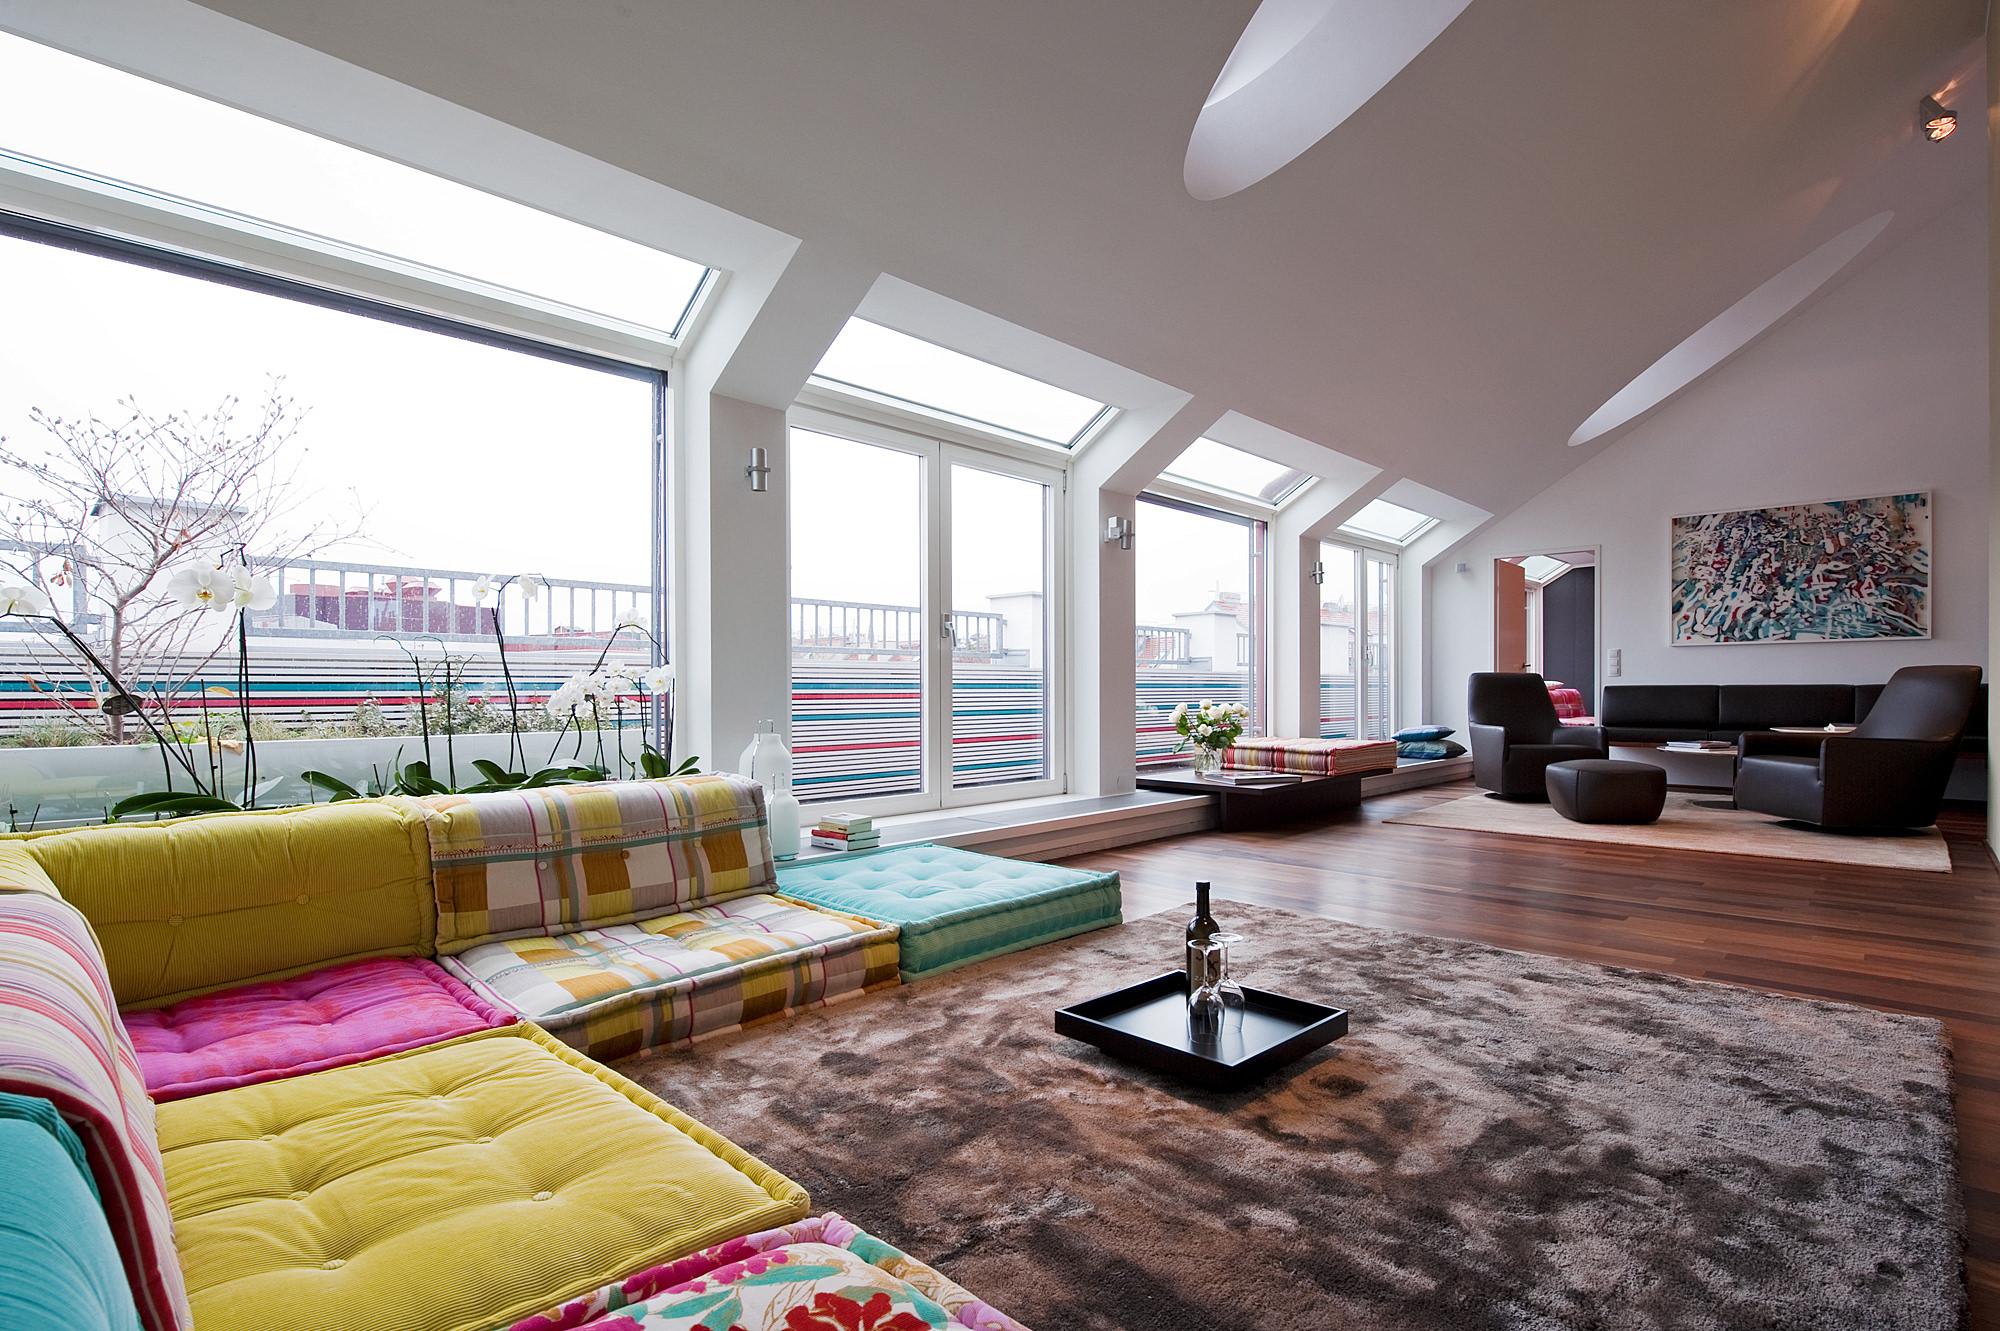 penthouse_wien_4_01_umbau_und_innenraumgestaltung_einer_dachgeschosswohnung__junger_beer_architektur